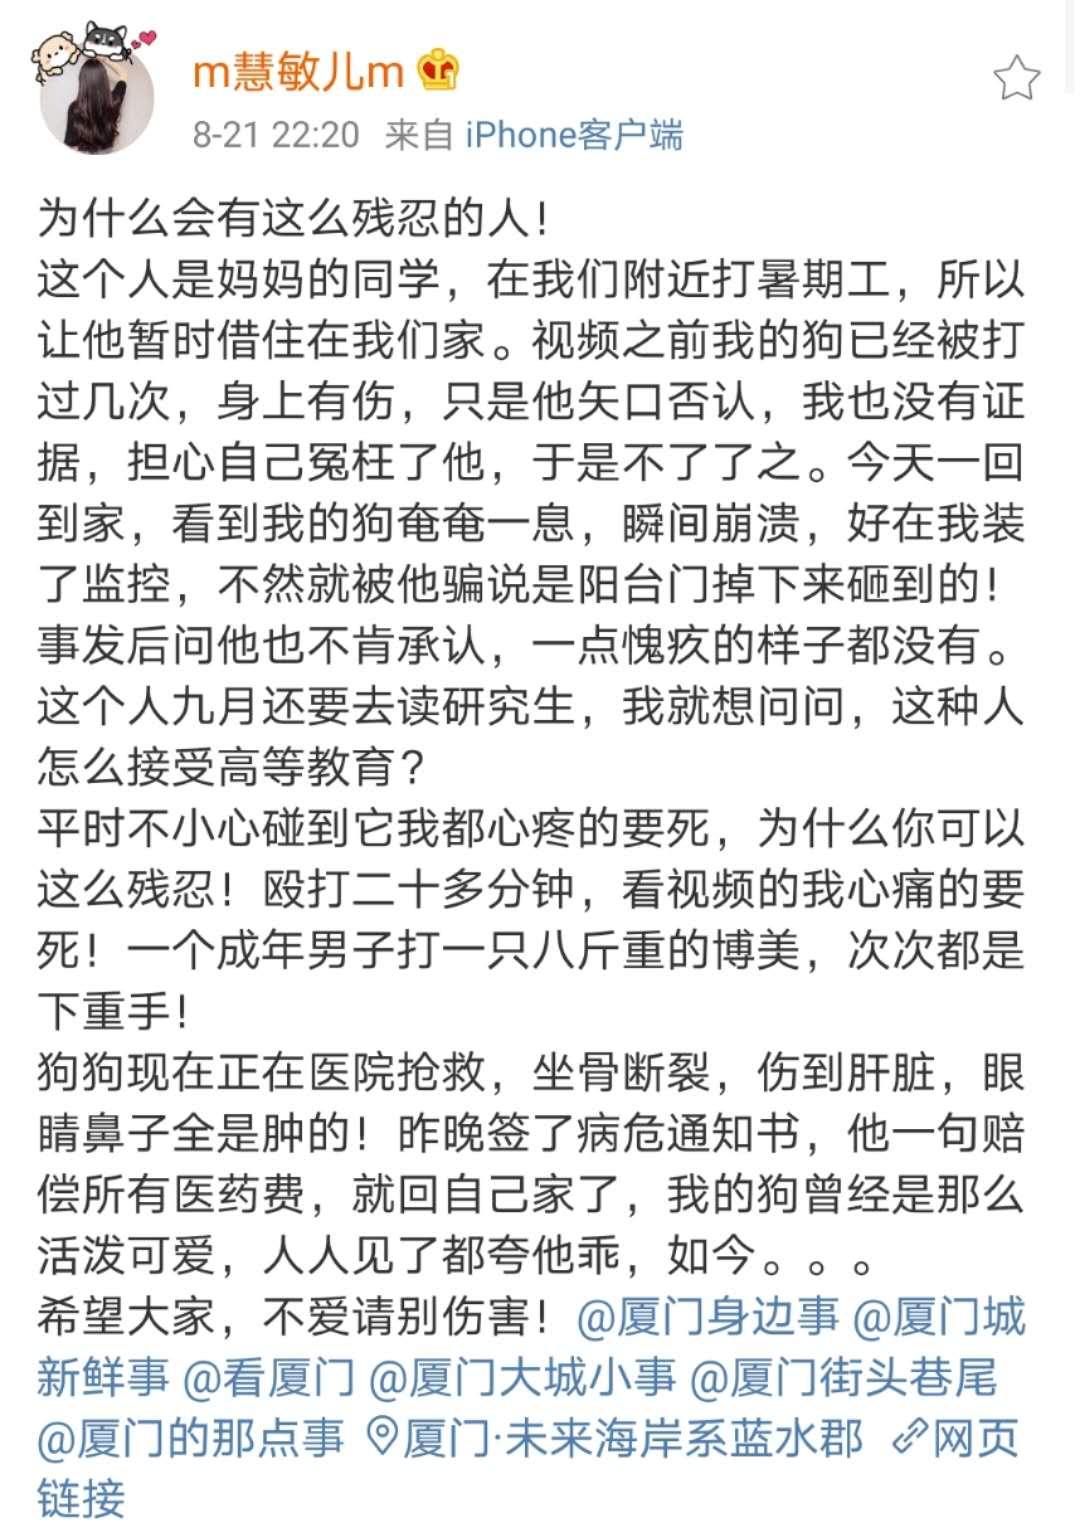 """有网友爆料称福州大学准研究生疑似虐狗。来源:微博""""m慧敏儿m""""。"""